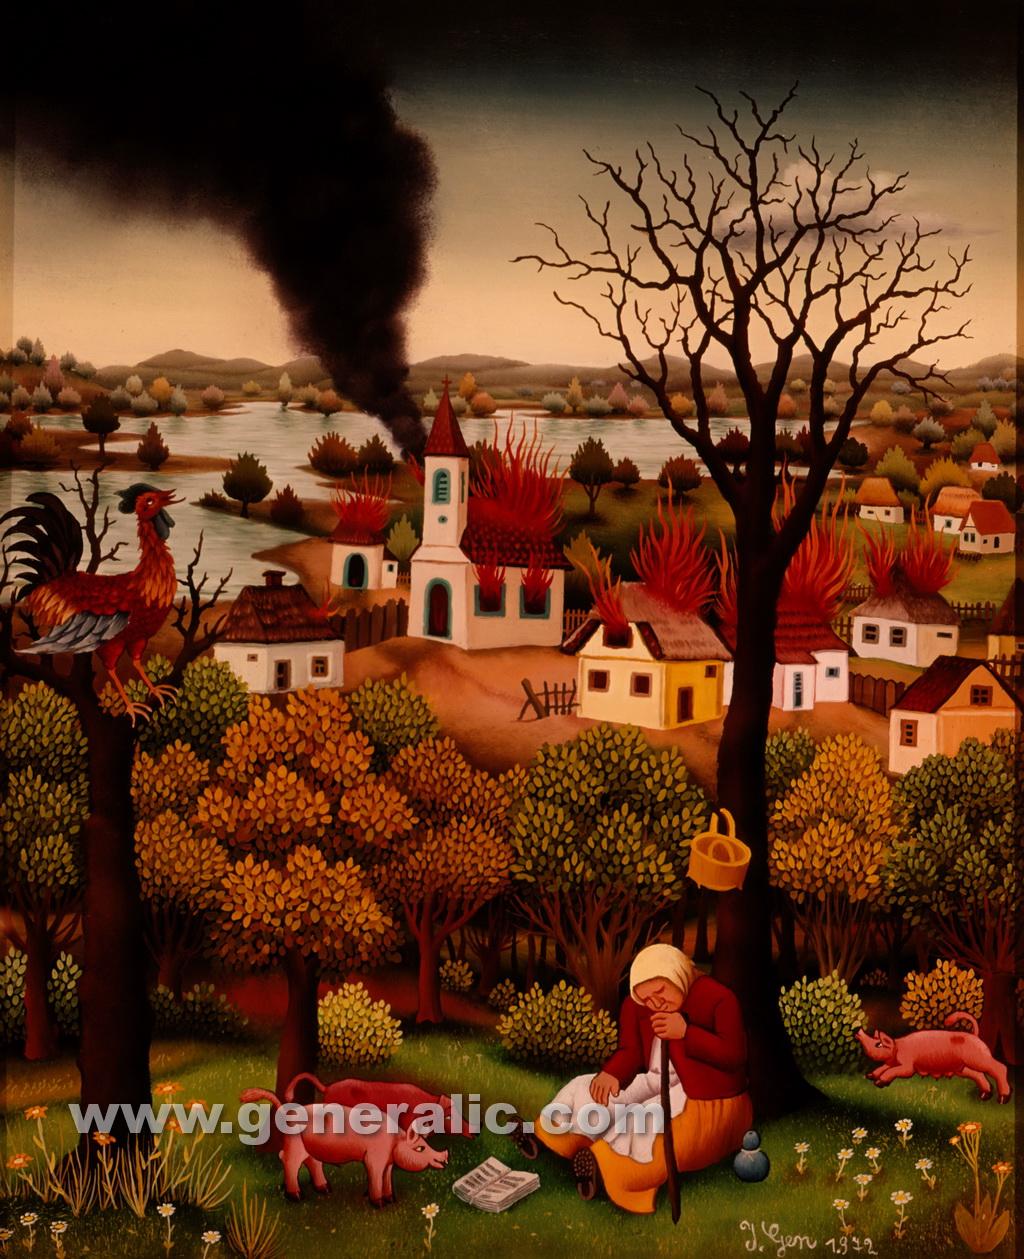 Ivan Generalic, 1972, Village in flames, oil on glass